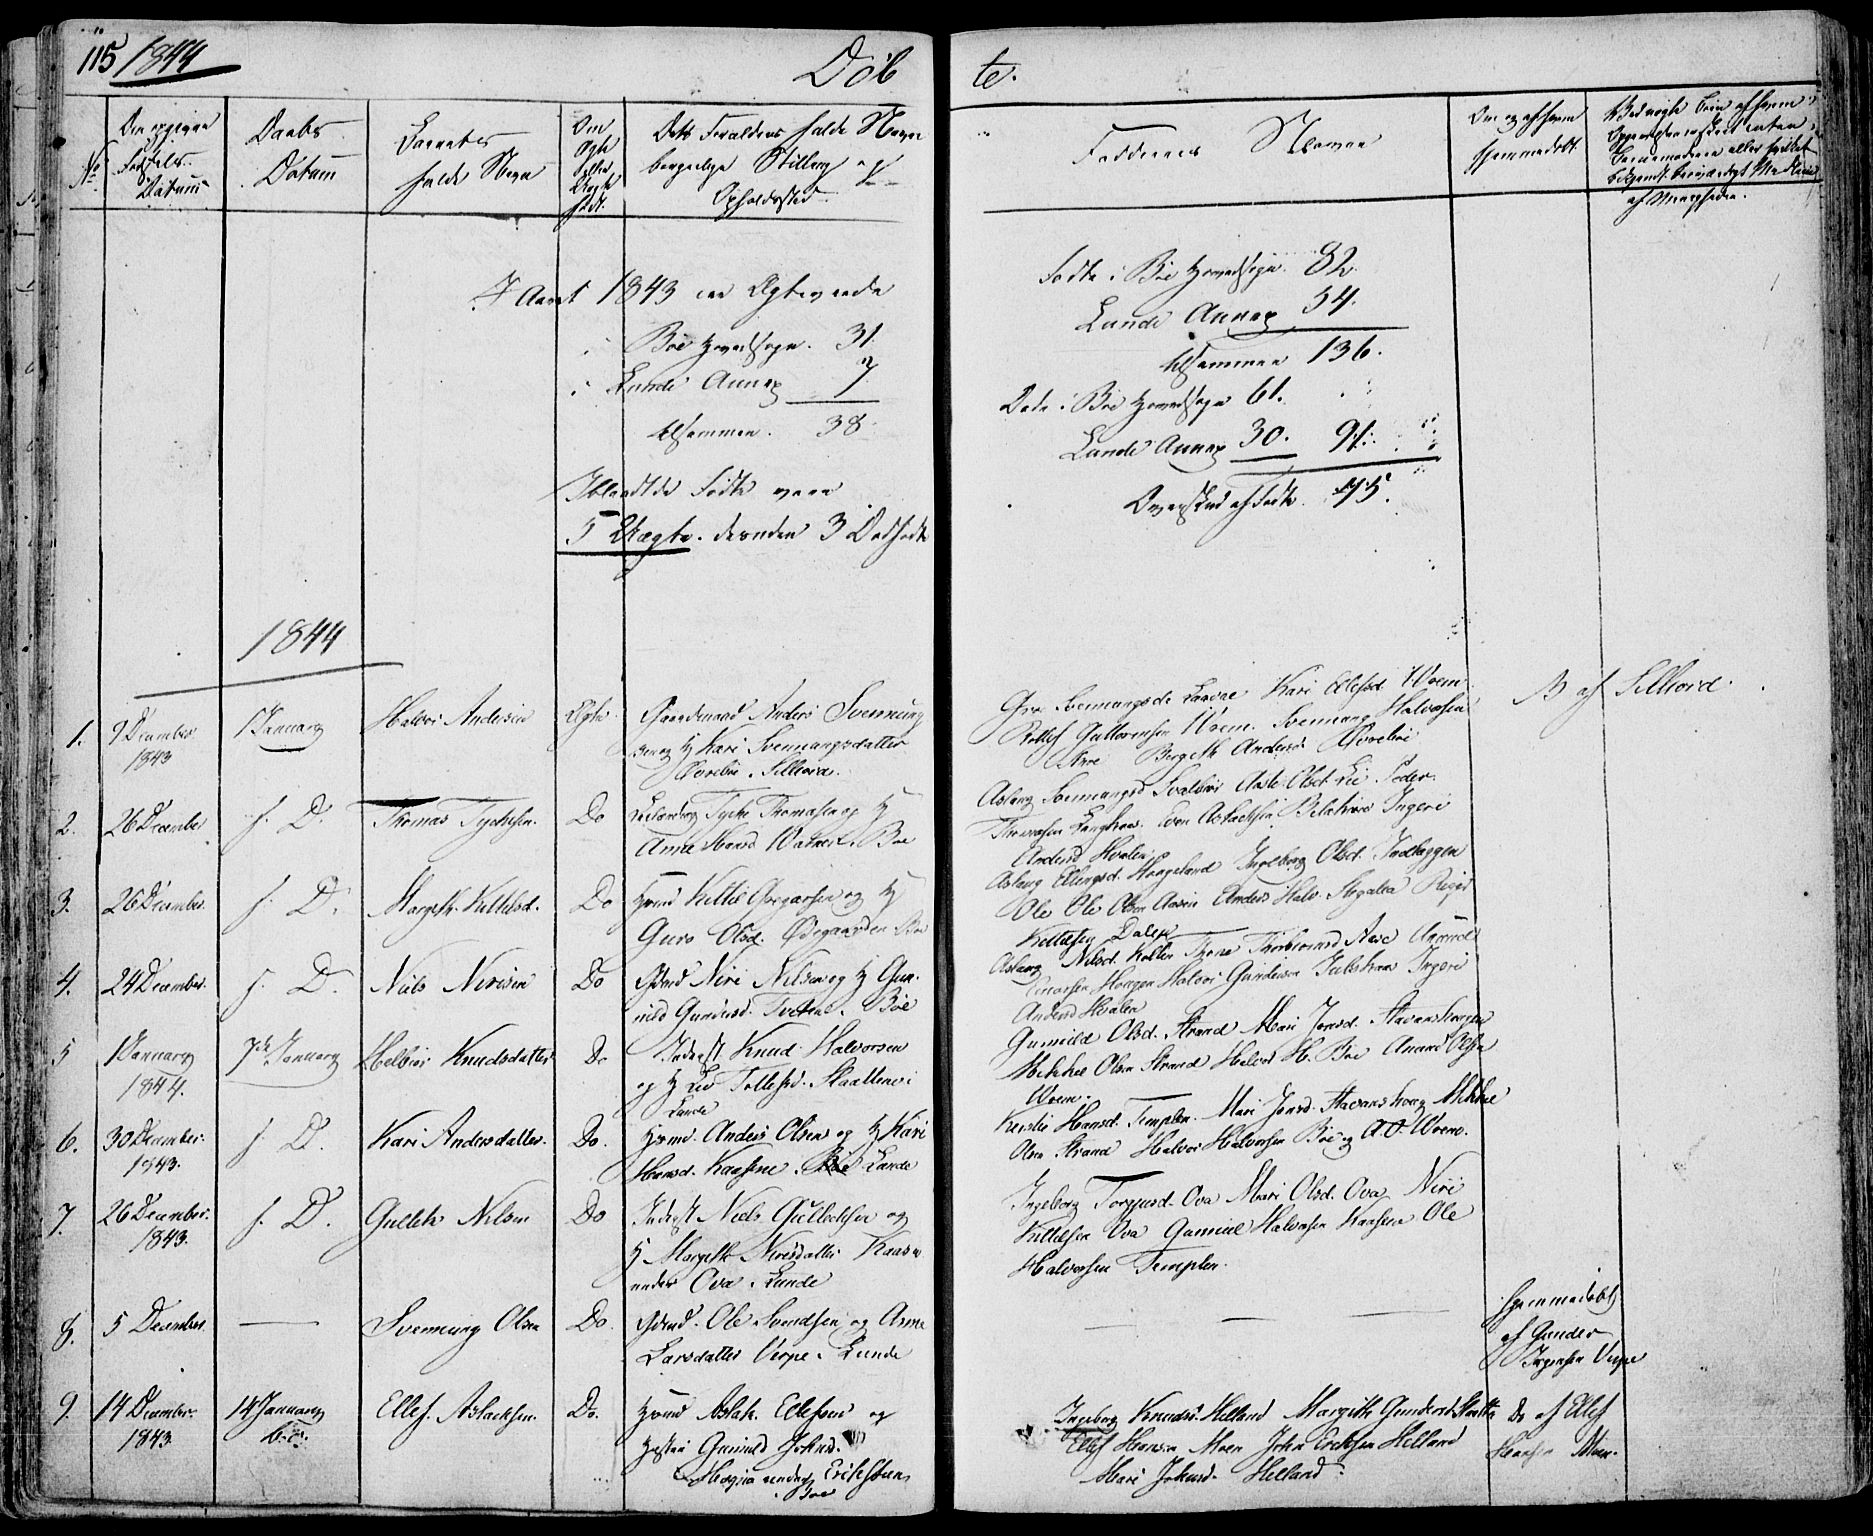 SAKO, Bø kirkebøker, F/Fa/L0007: Ministerialbok nr. 7, 1831-1848, s. 115